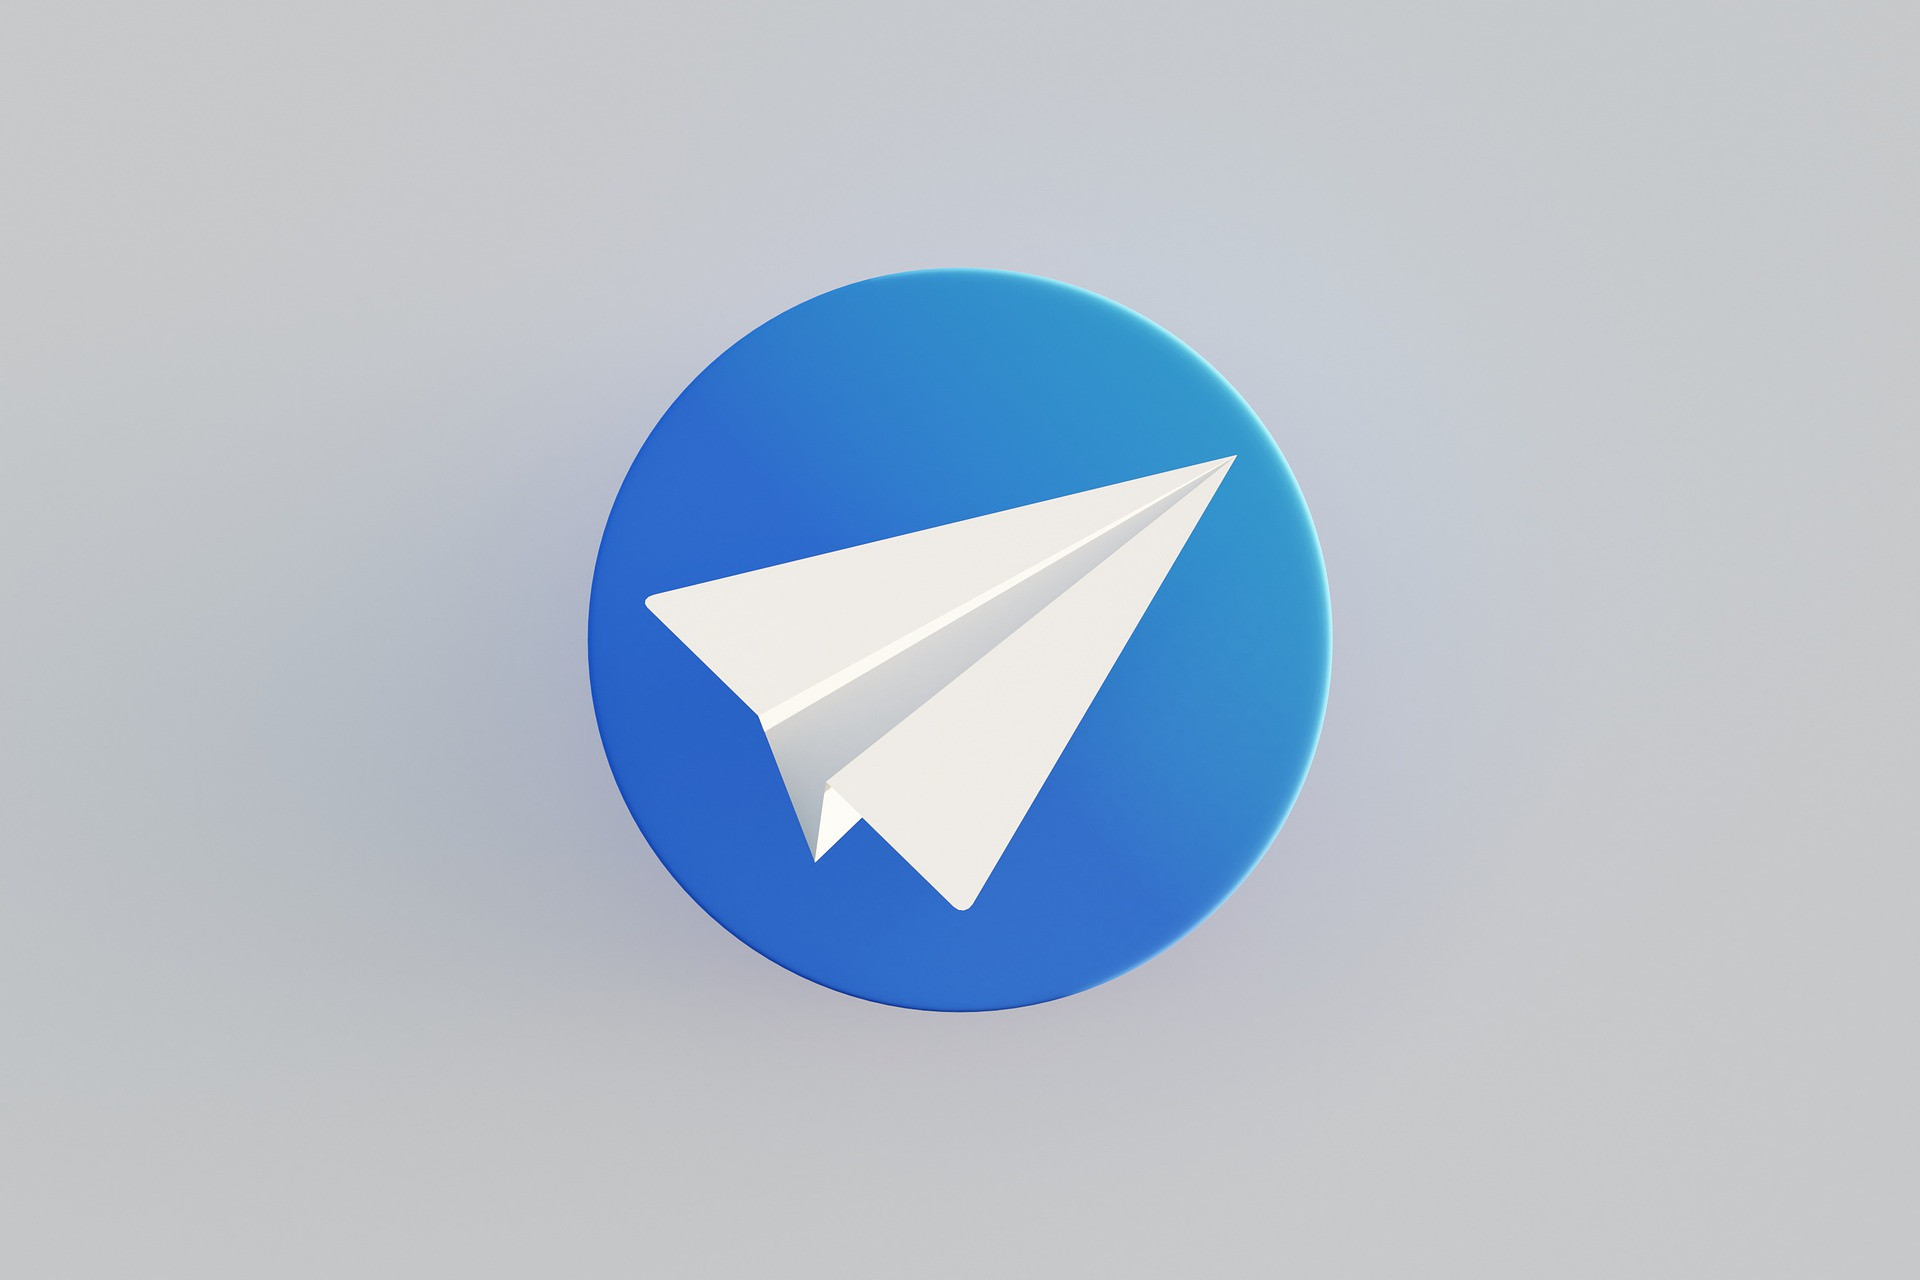 5 Aplikasi Pesan yang Bisa Digunakan Selain WhatsApp - JPNN.com